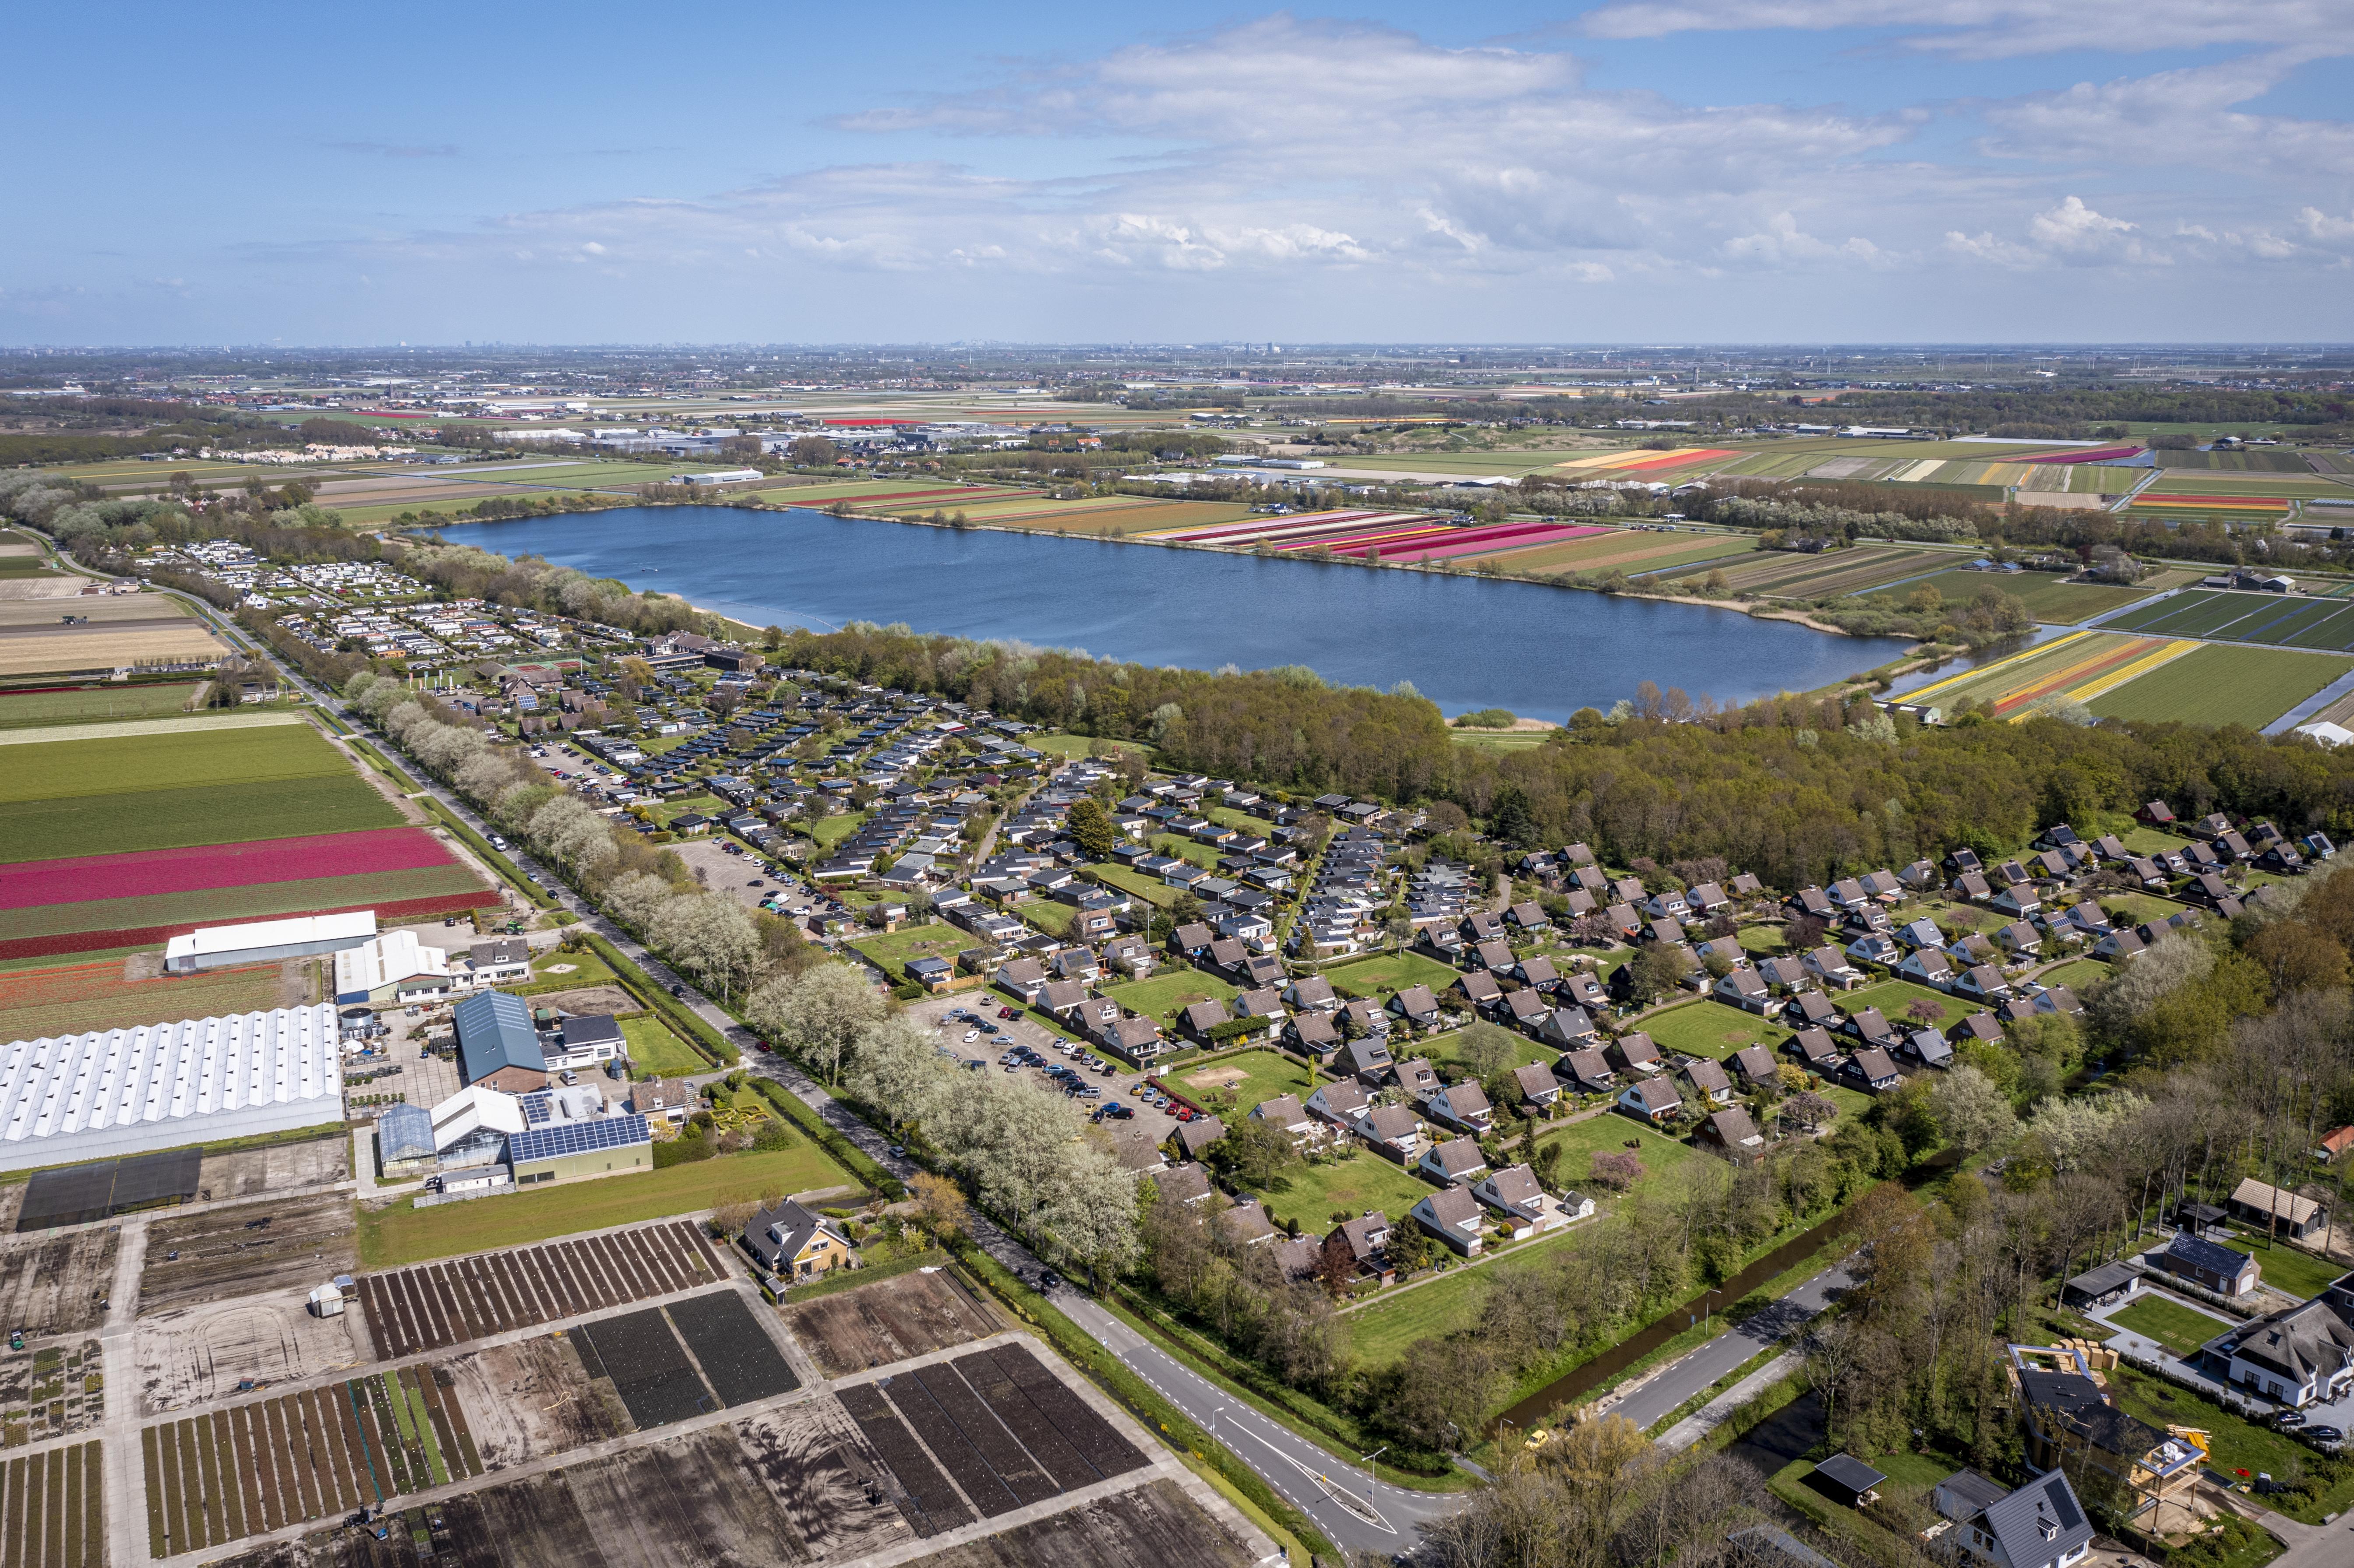 Het Noordwijkerhoutse 'Comomeer', al decennia een recreatieplas in wording